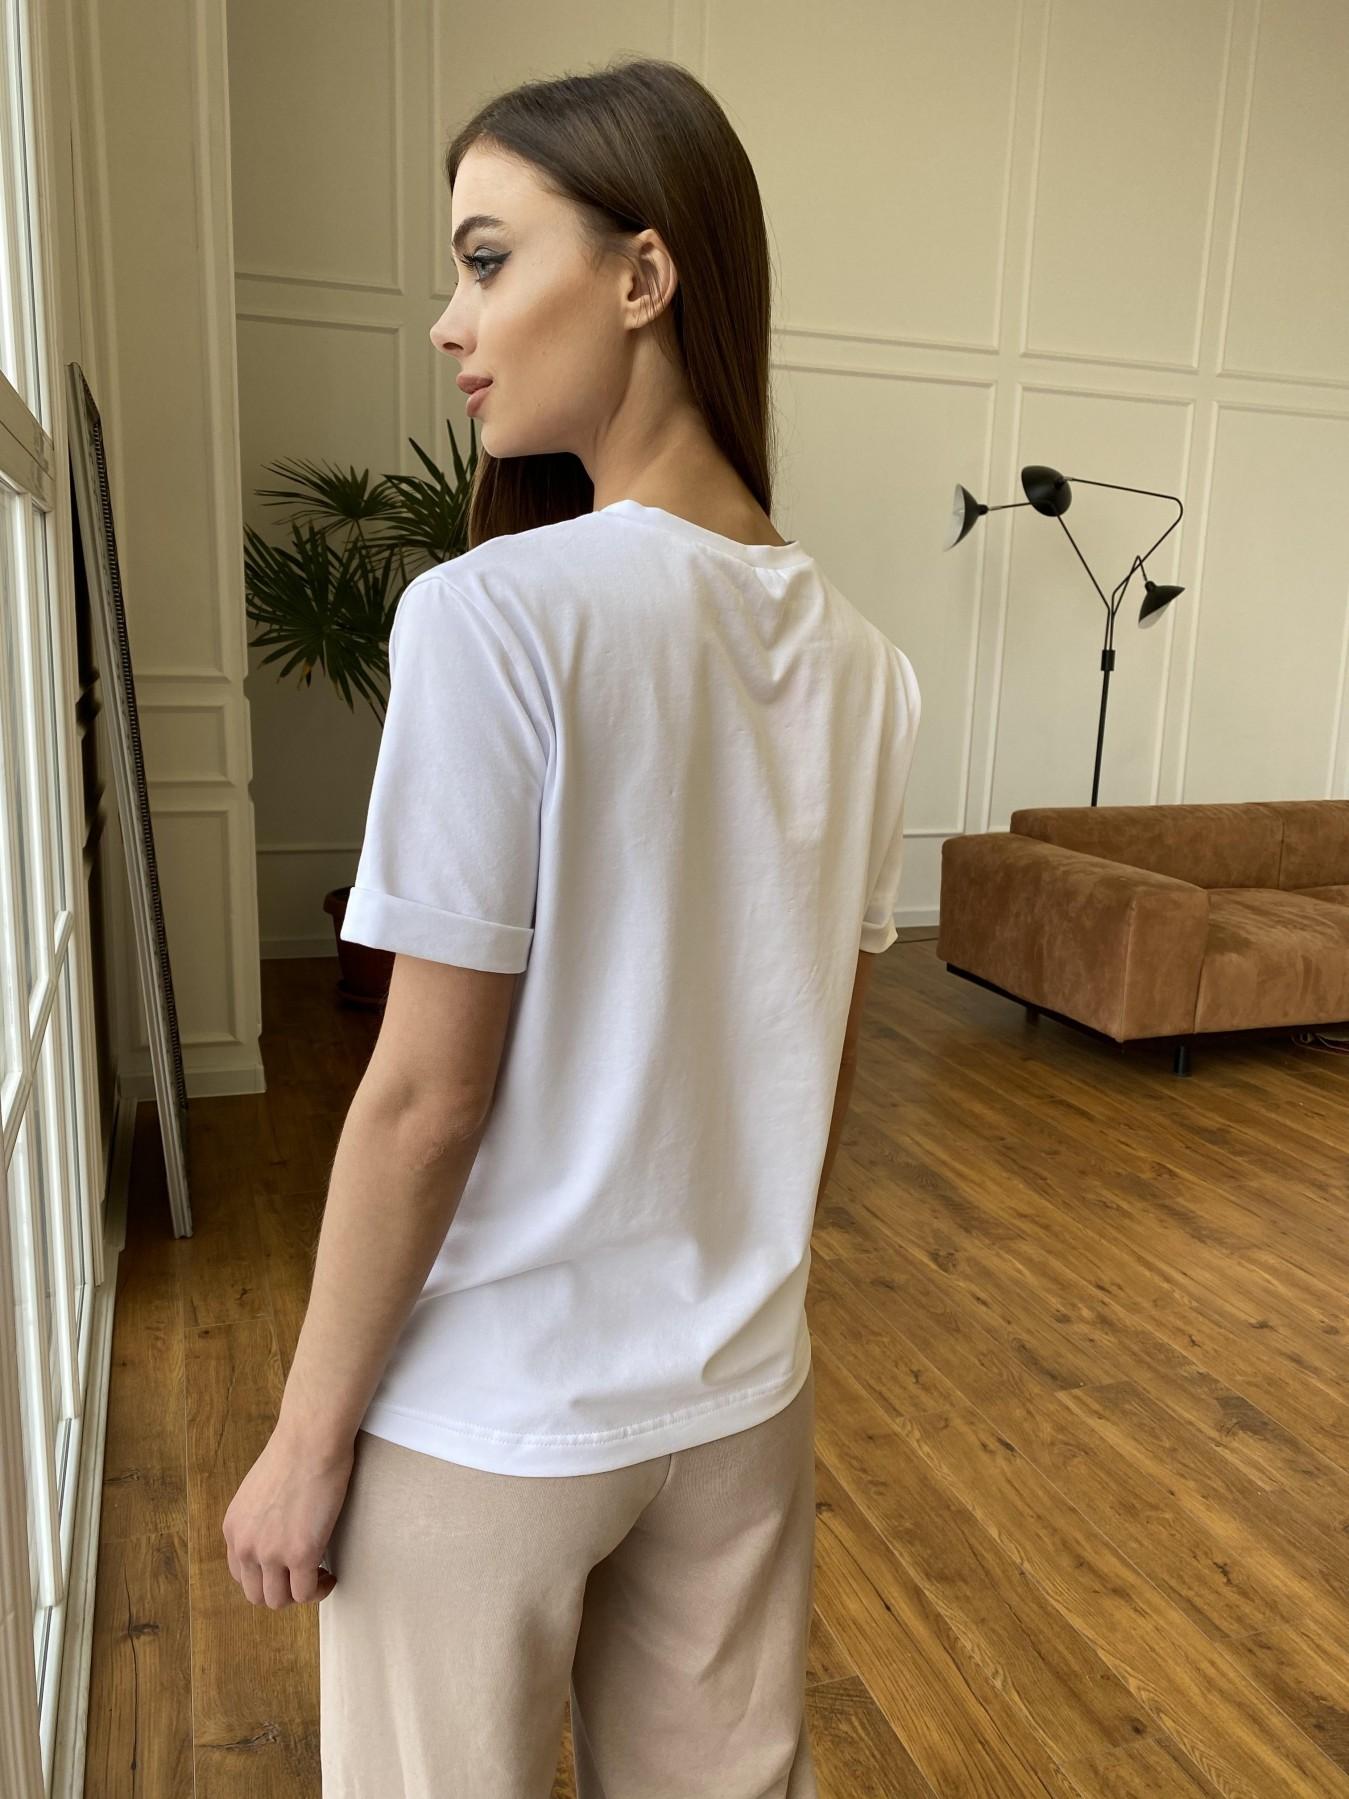 Перо футболка из вискозы однотонная хлопок 11230 АРТ. 47751 Цвет: Белый - фото 5, интернет магазин tm-modus.ru